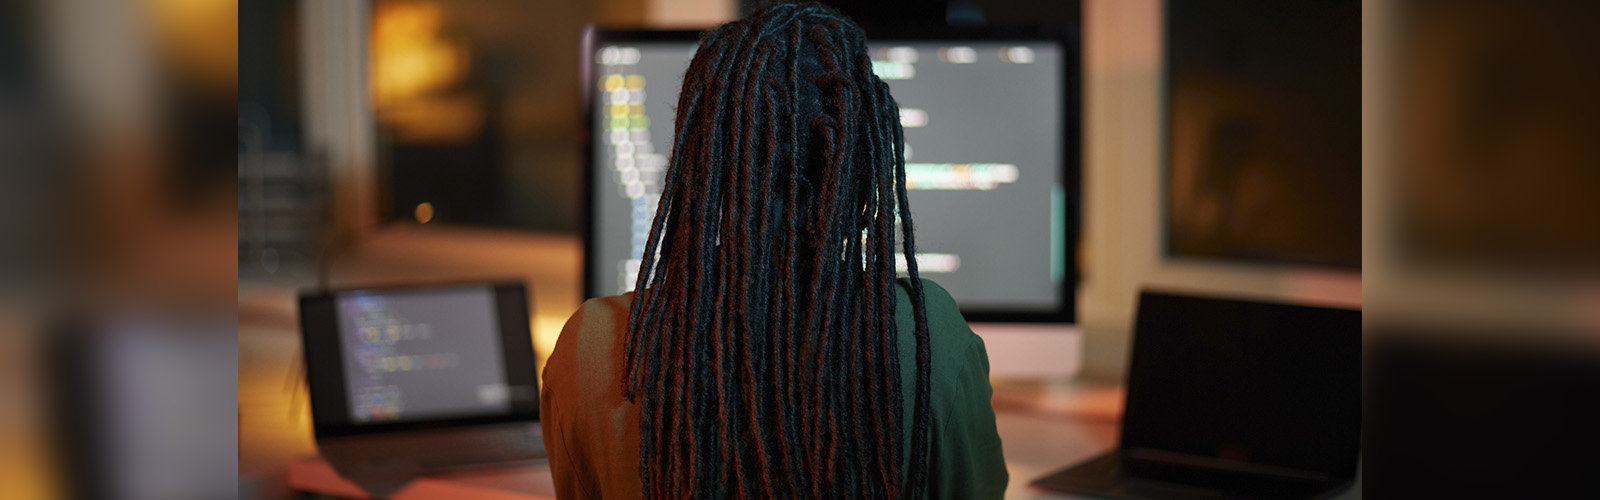 Mulher de dreads trabalha de costas. Na frente dela se vê um notebook e um computador.